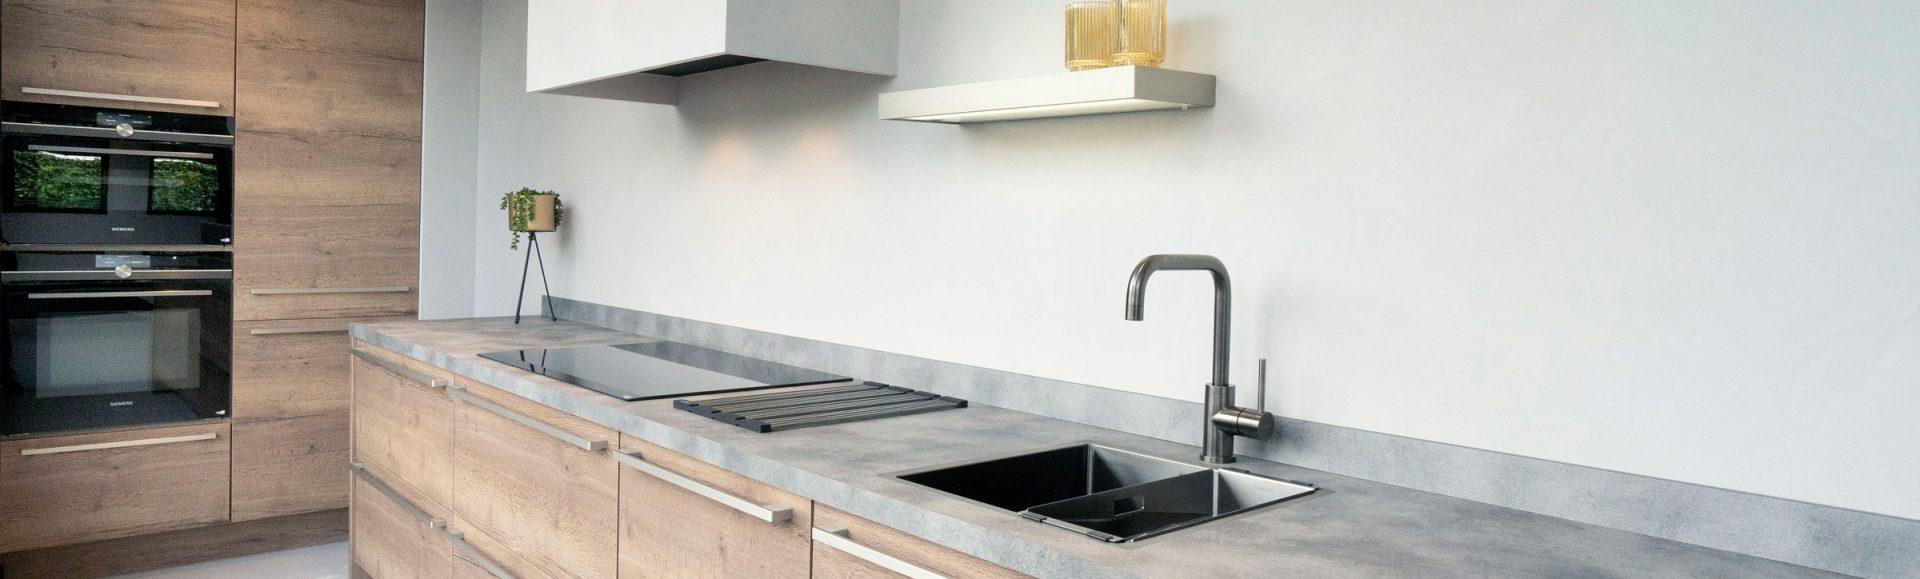 schuit-totaal-wonen-showroom-keukens-2